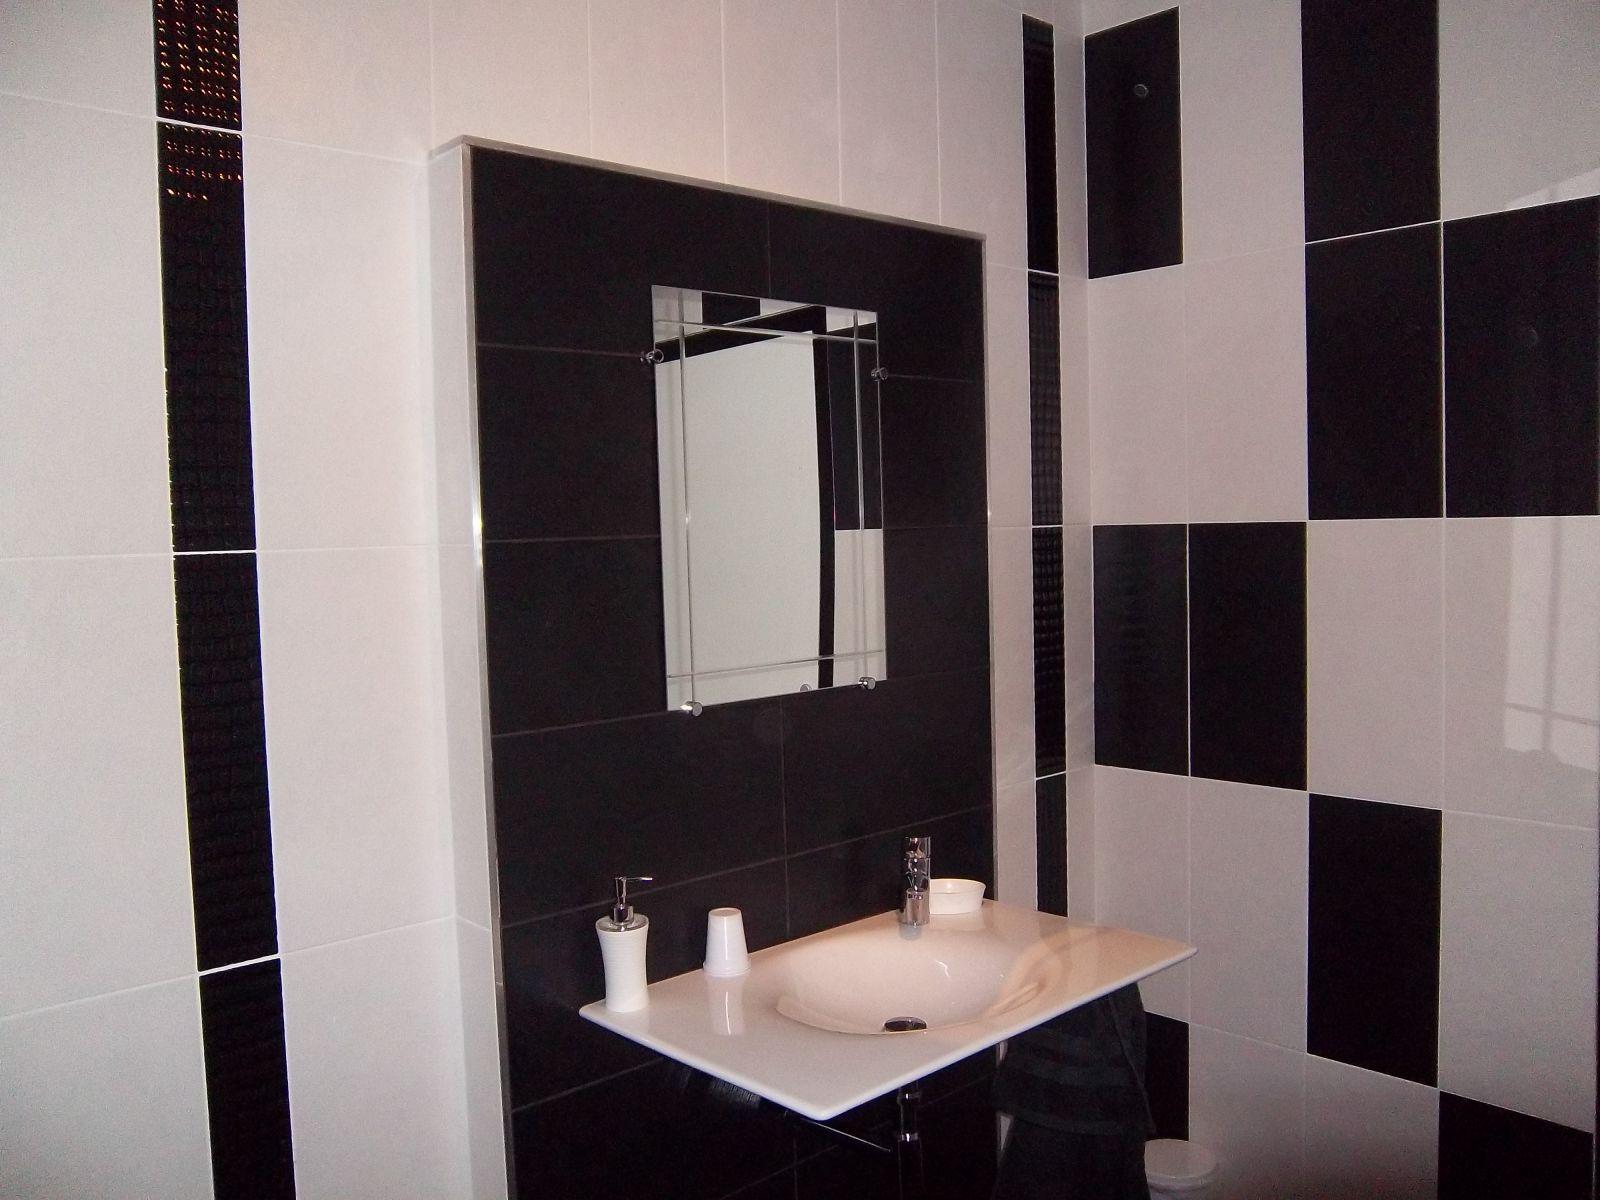 Salle de bain plafond noir Salle de bain taupe et noir